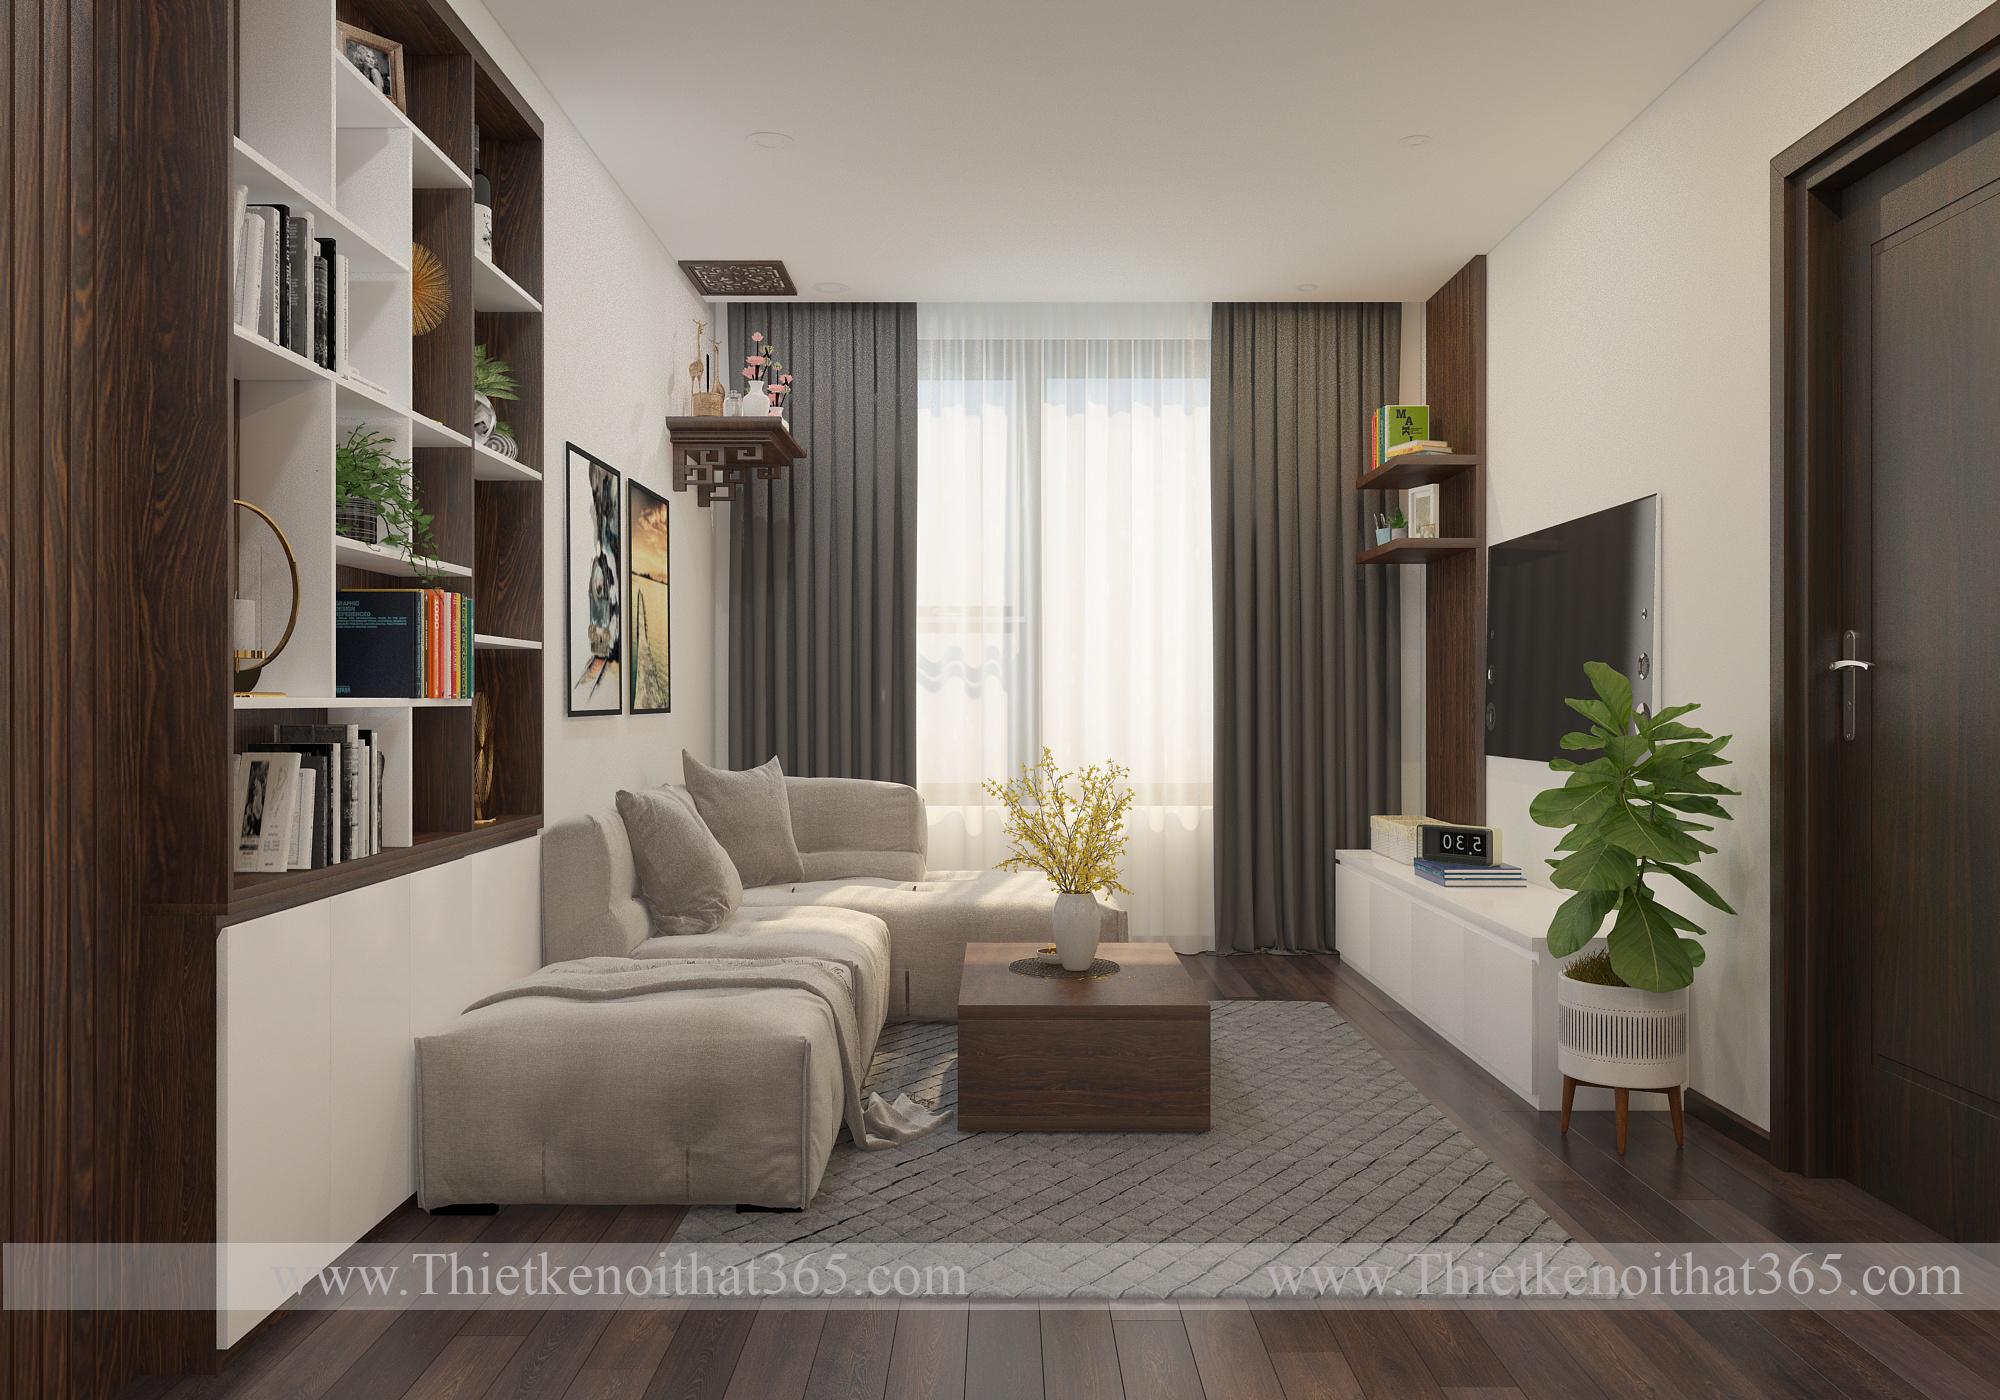 Thiết kế nội thất chung cư 282 Nguyễn Xiển